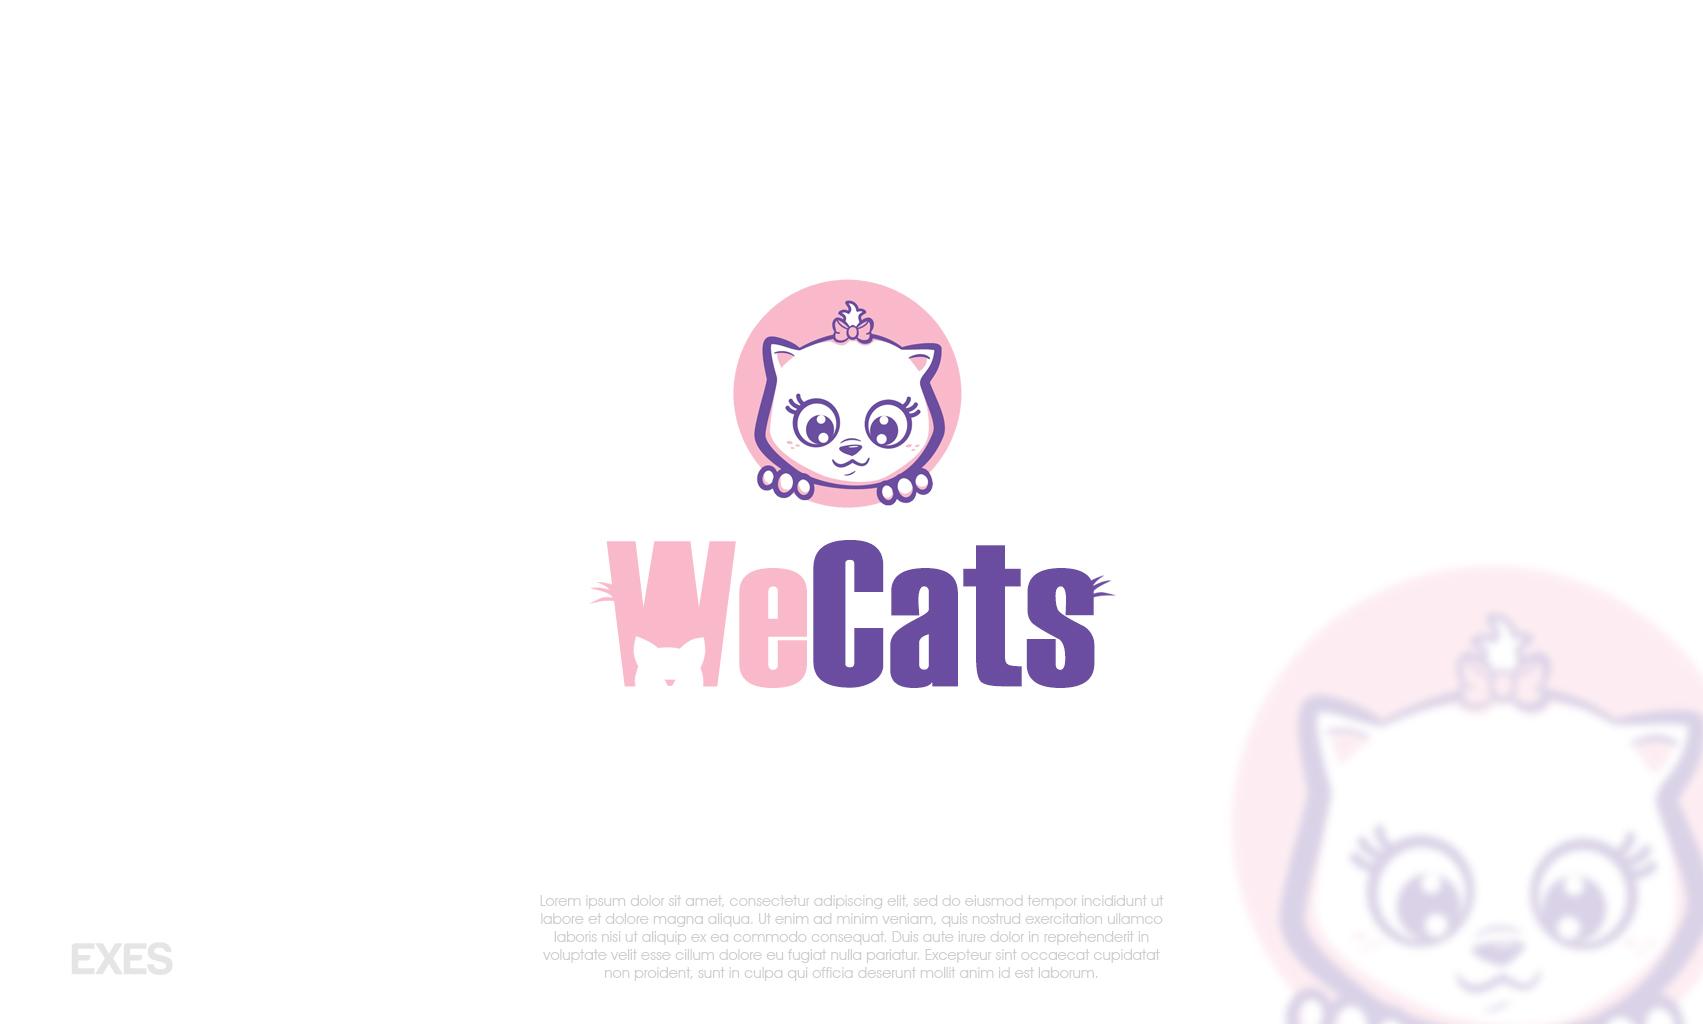 Создание логотипа WeCats фото f_3535f1af89a614e8.jpg